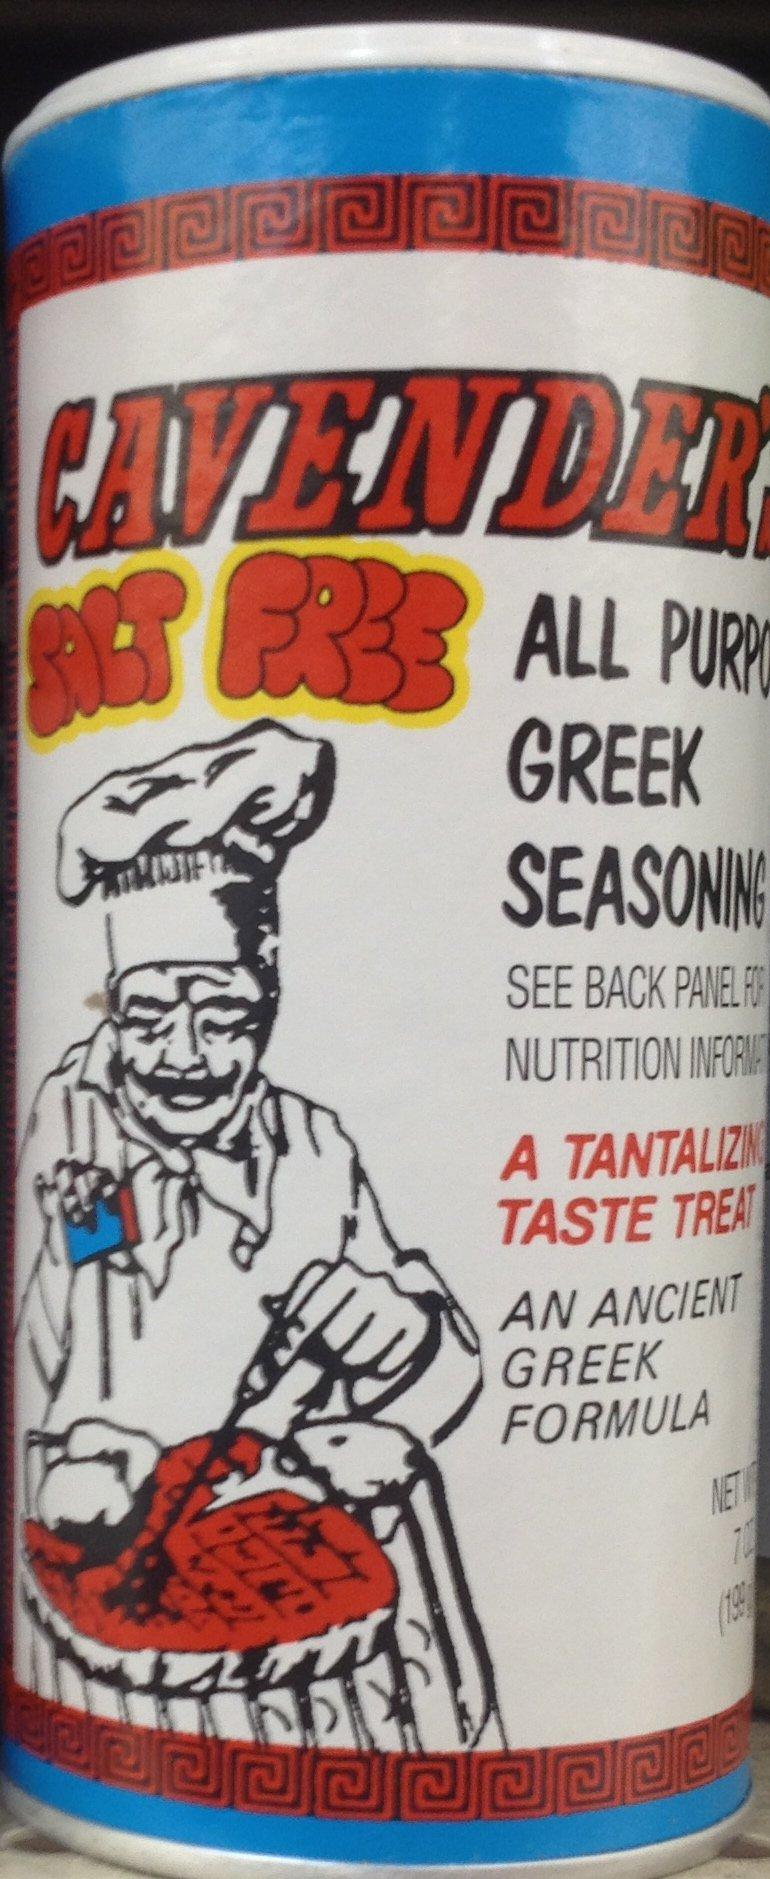 Cavenders Ssnng Greek Salt Free